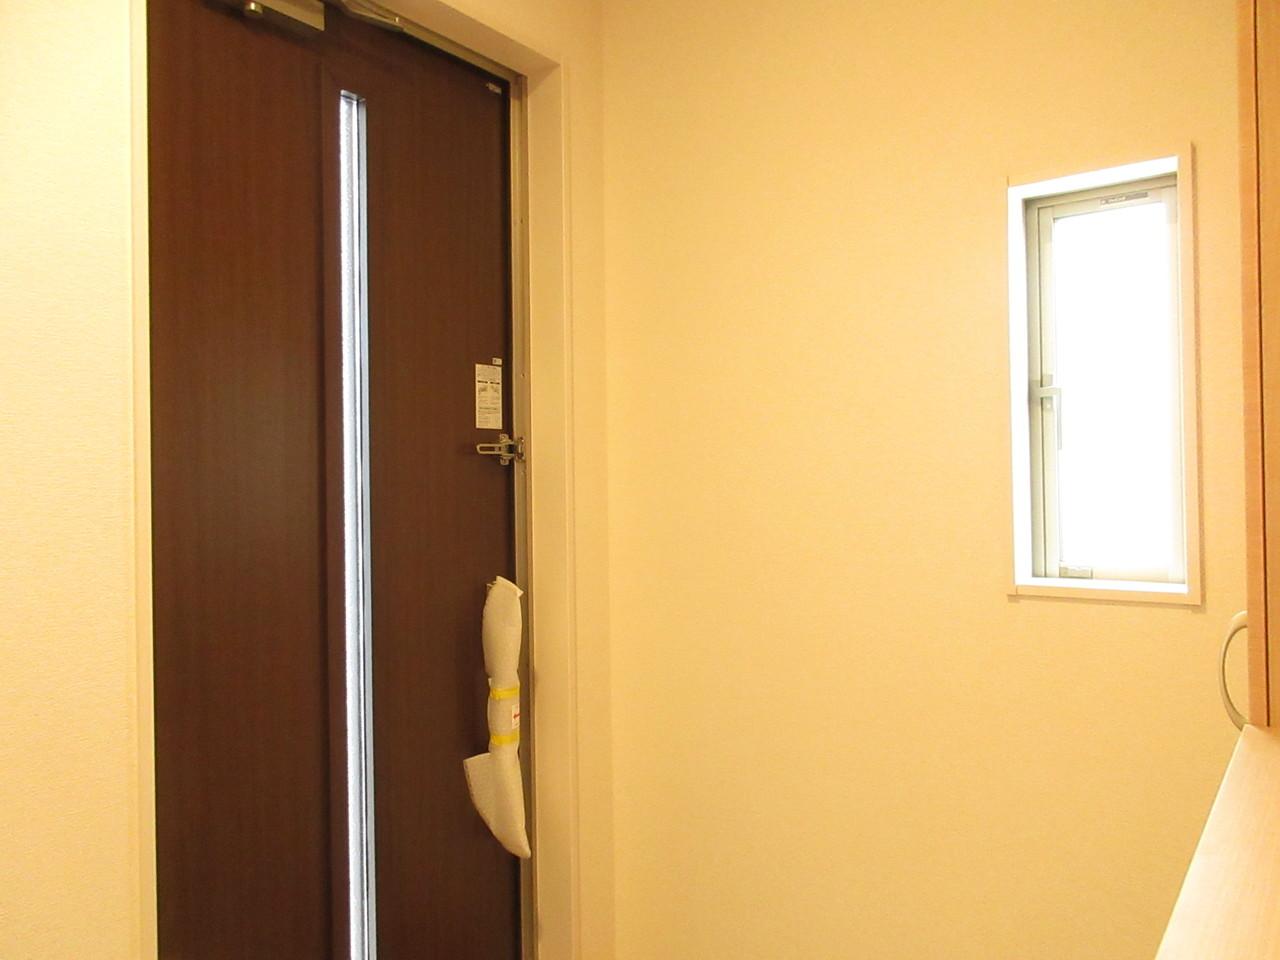 玄関には小窓がついていますので明るい空間になります♪落ち着いた木目の玄関がお洒落ですね(^^)